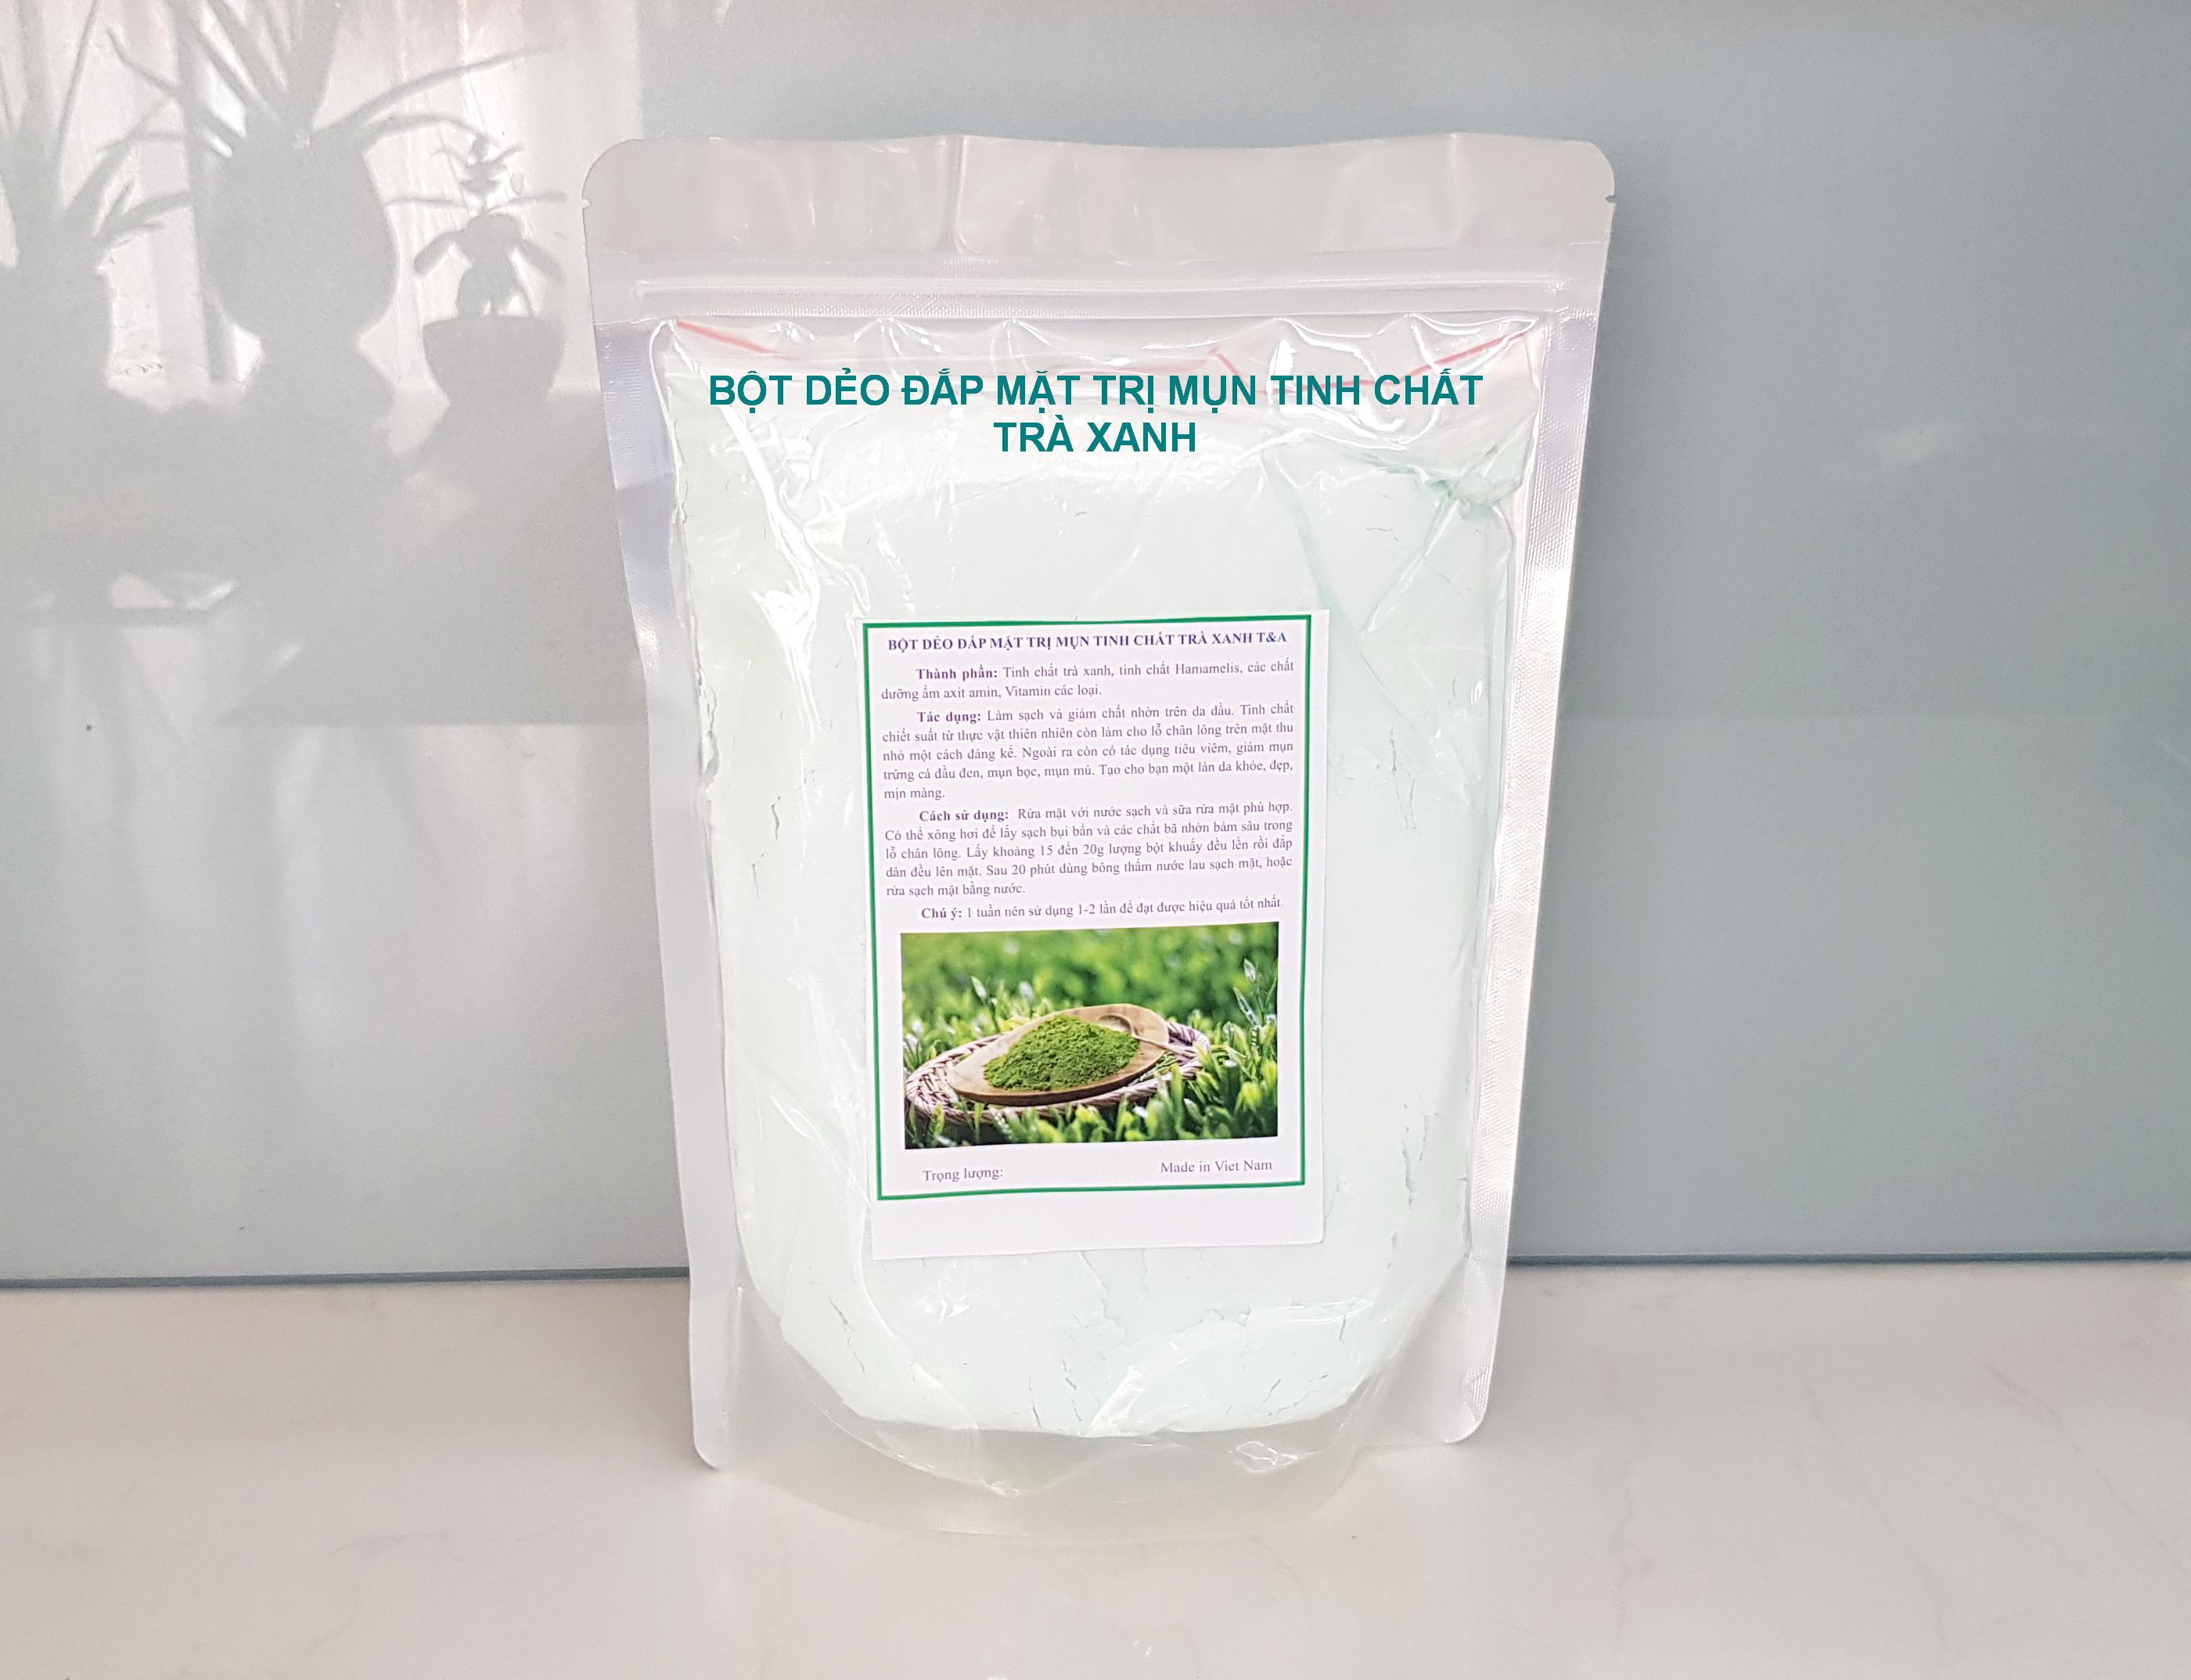 Bột dẻo đắp mặt trị mụn tinh chất trà xanh T&A